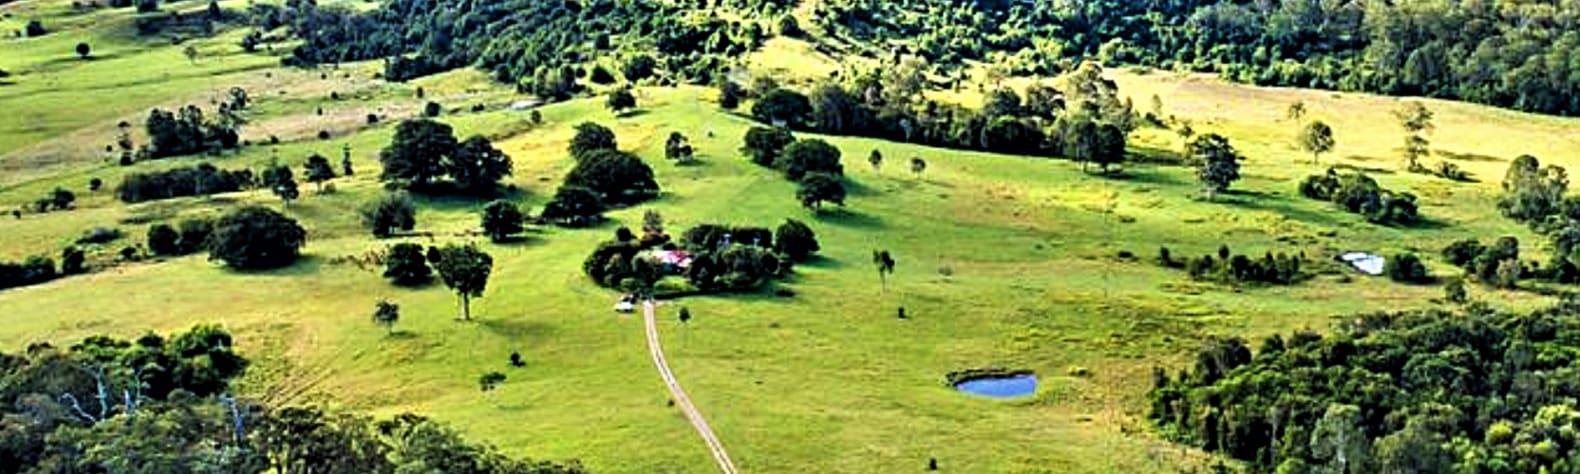 Coondoo Springs